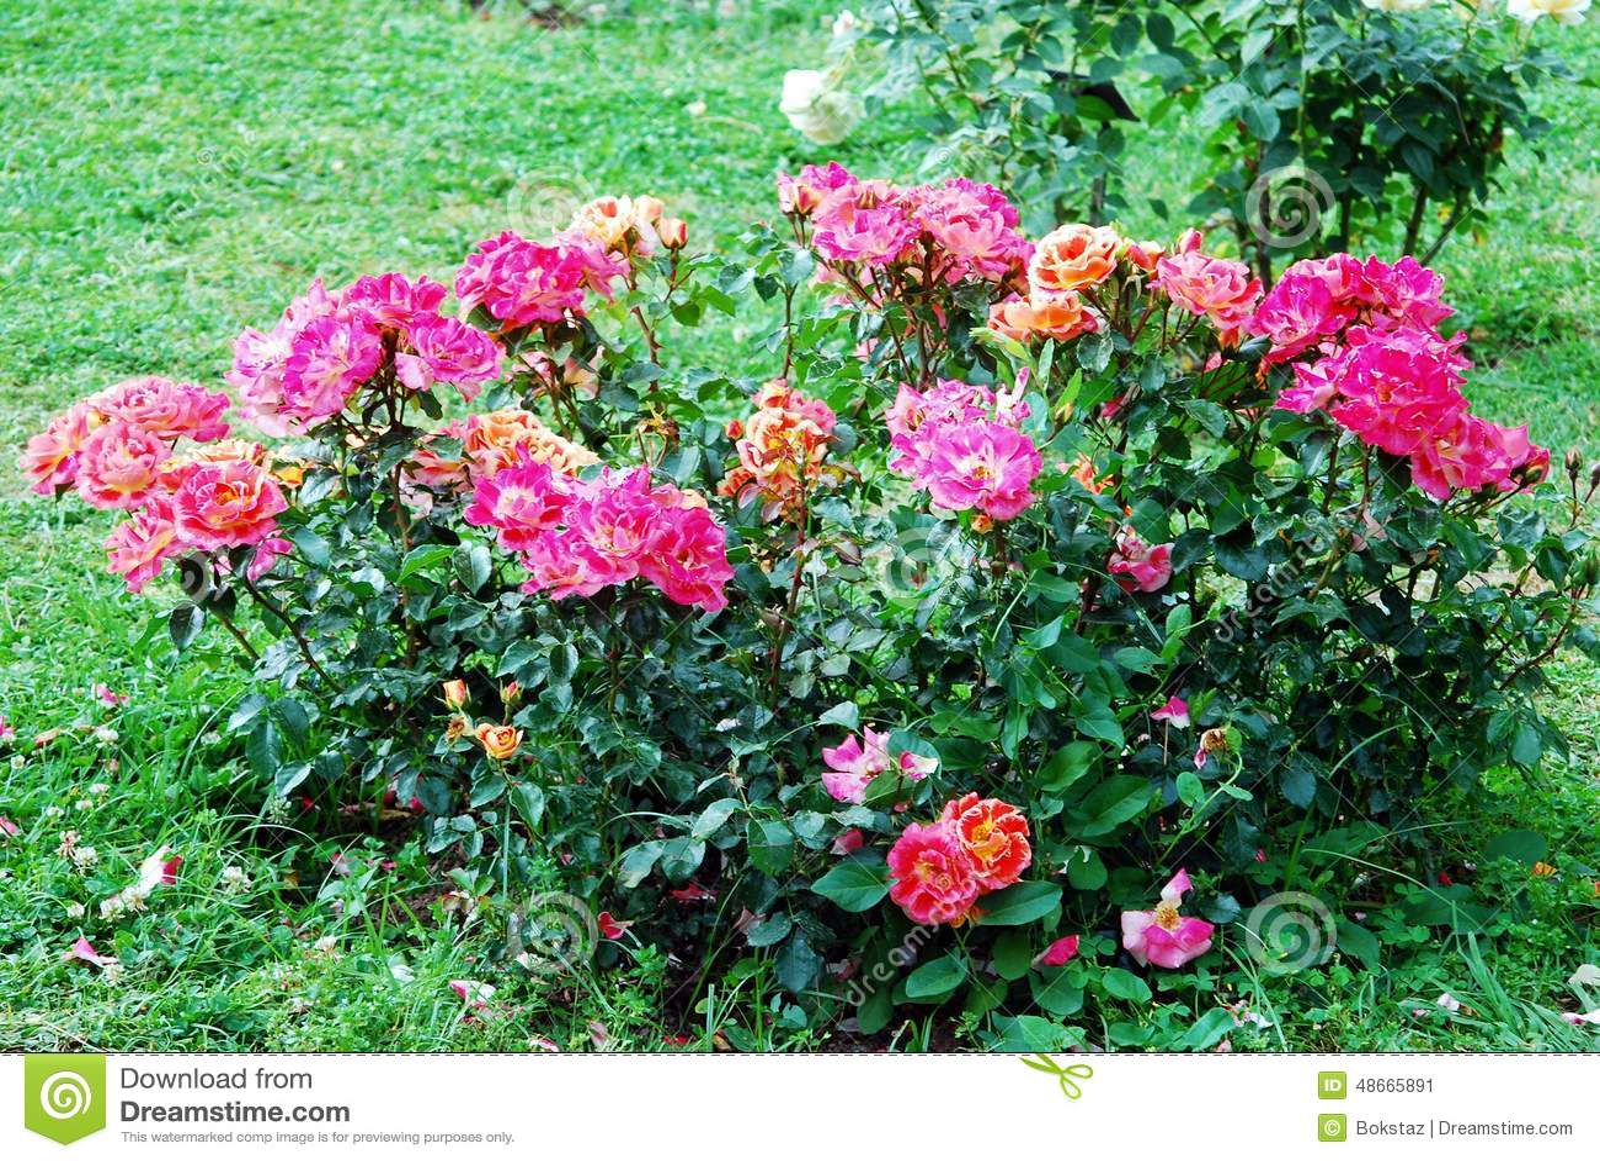 jardim rosas vermelhas:Rosas Vermelhas No Jardim Na Cidade De Roma Foto de Stock – Imagem